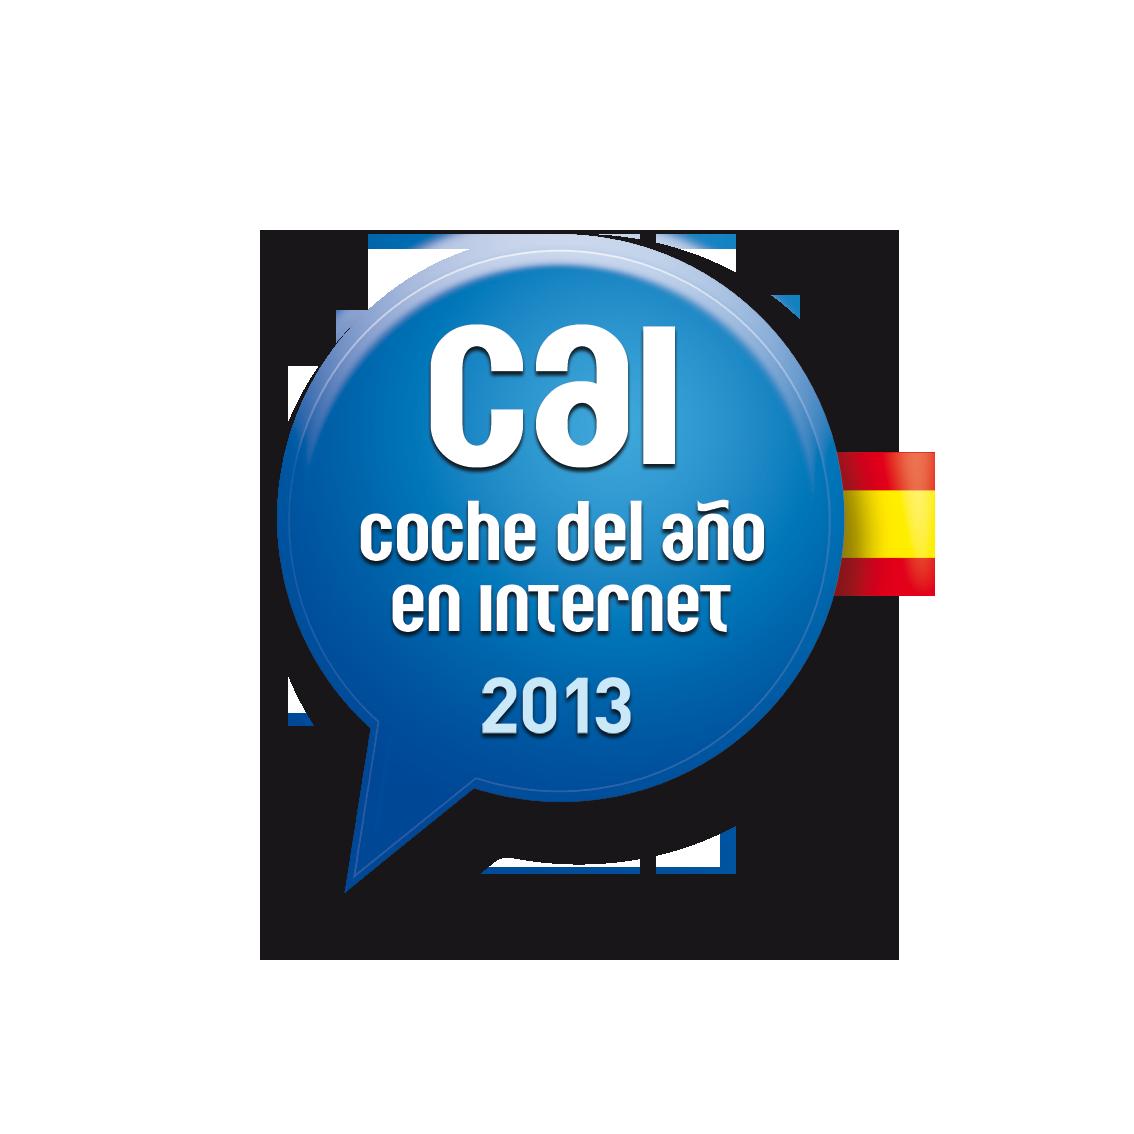 Comienza el CAI, Coche del Año en Internet, 2013